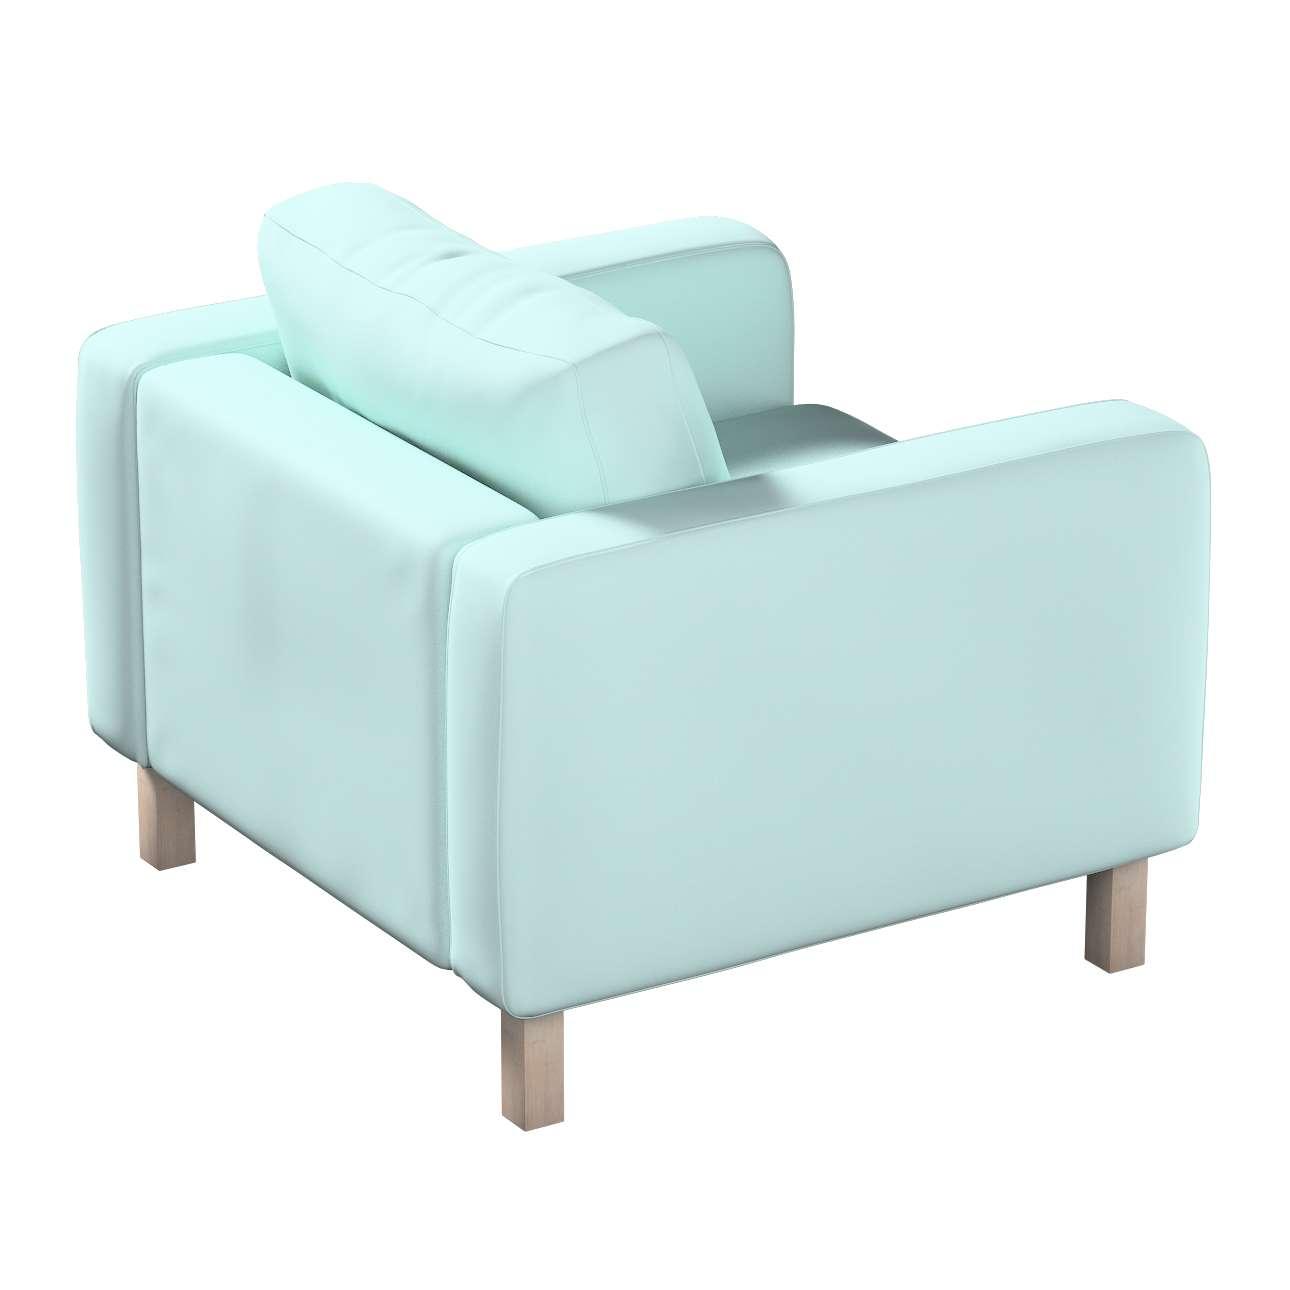 Pokrowiec na fotel Karlstad, krótki w kolekcji Cotton Panama, tkanina: 702-10